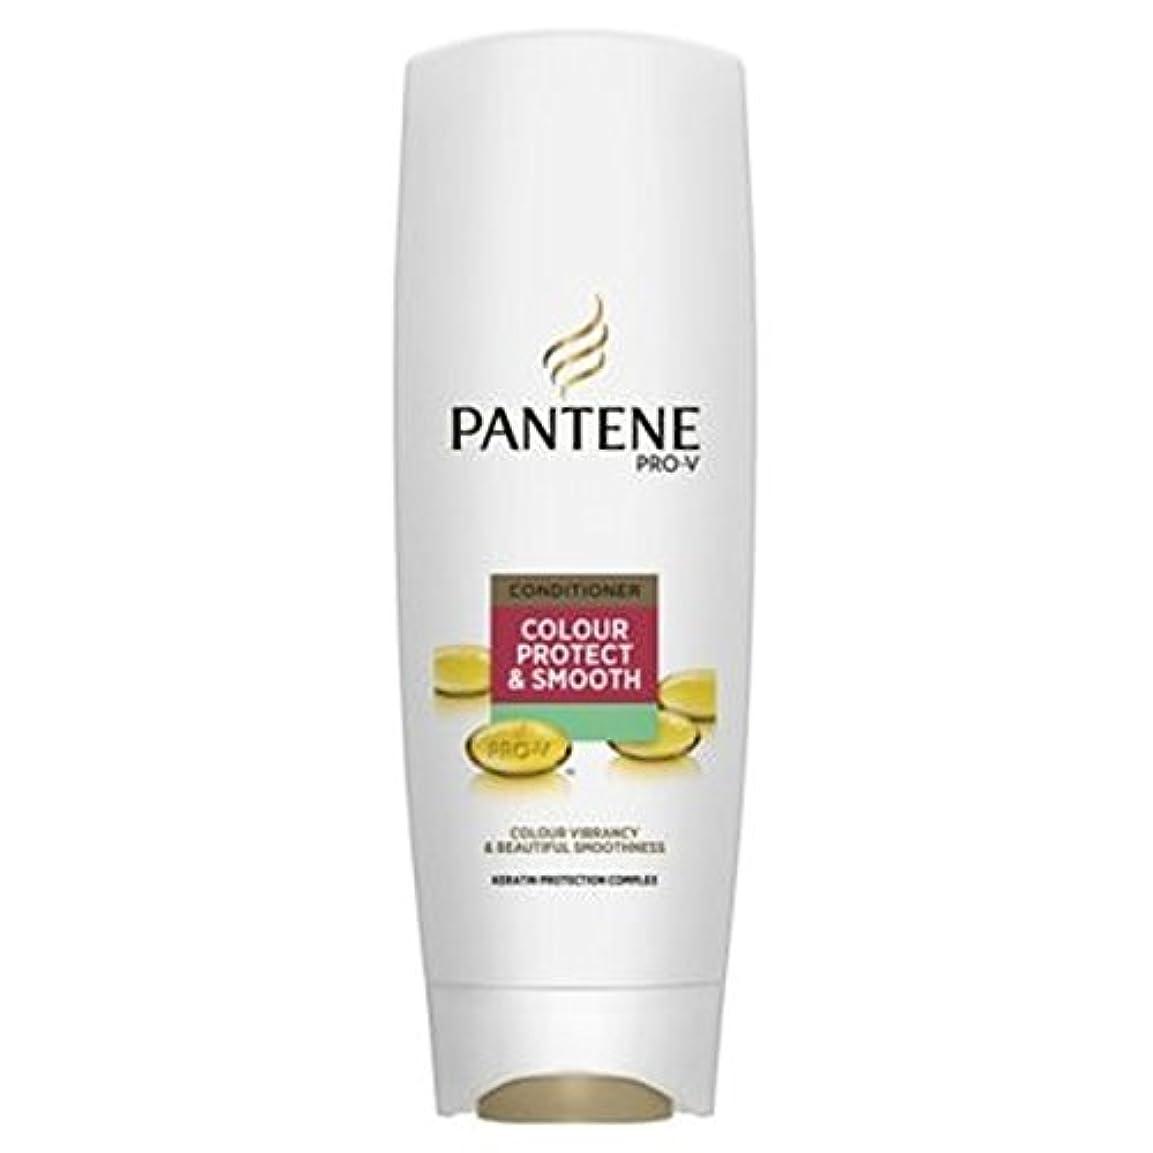 醜い入場蘇生するパンテーンプロVの色保護&スムーズコンディショナー360ミリリットル (Pantene) (x2) - Pantene Pro-V Colour Protect & Smooth Conditioner 360ml (Pack of 2) [並行輸入品]